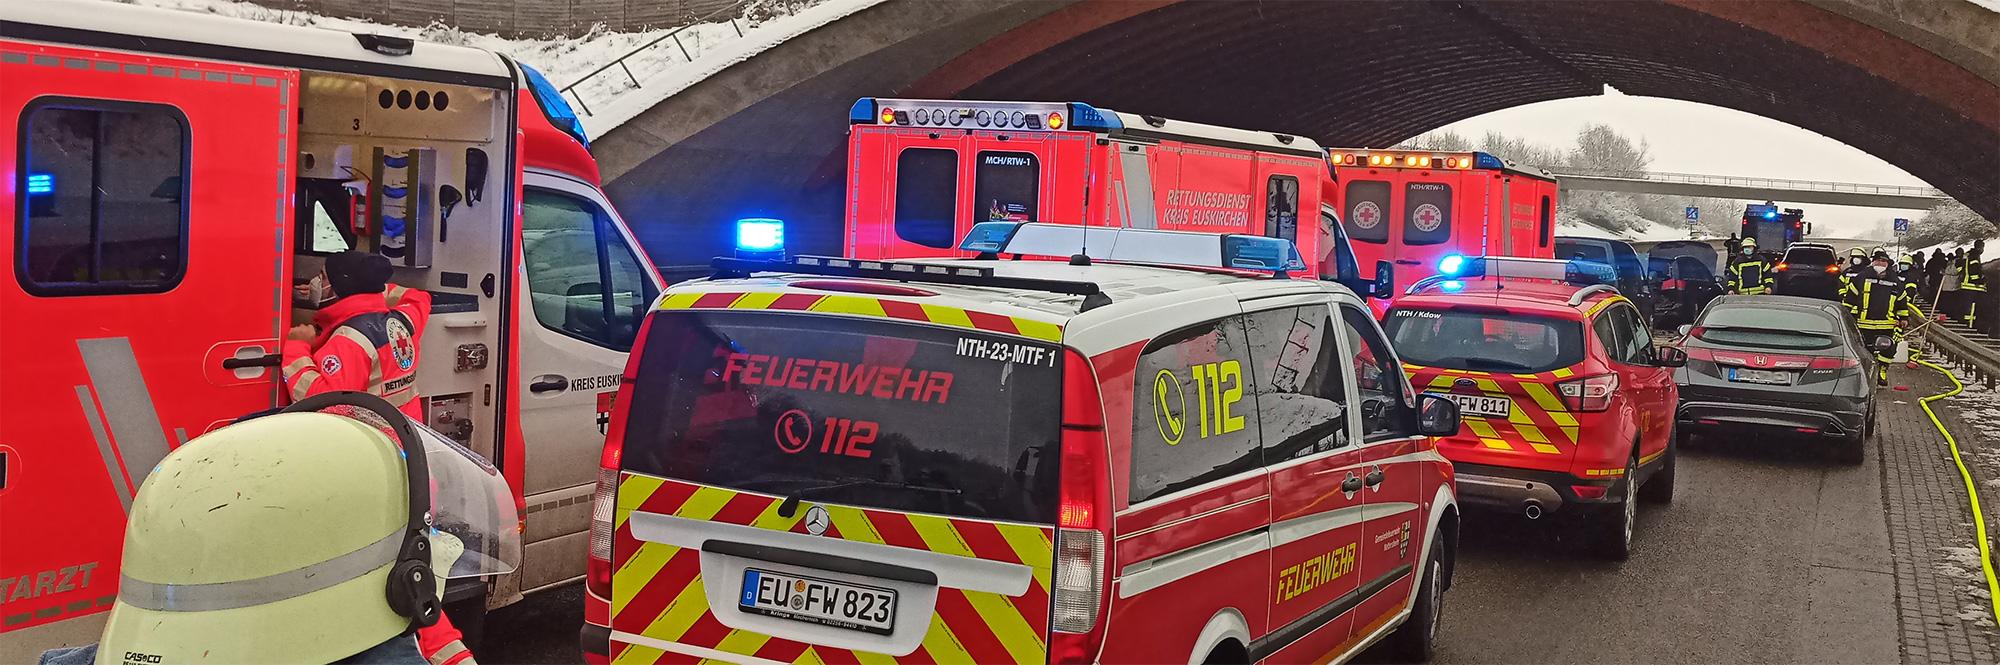 Freiwillige Feuerwehr Gemeinde Nettersheim